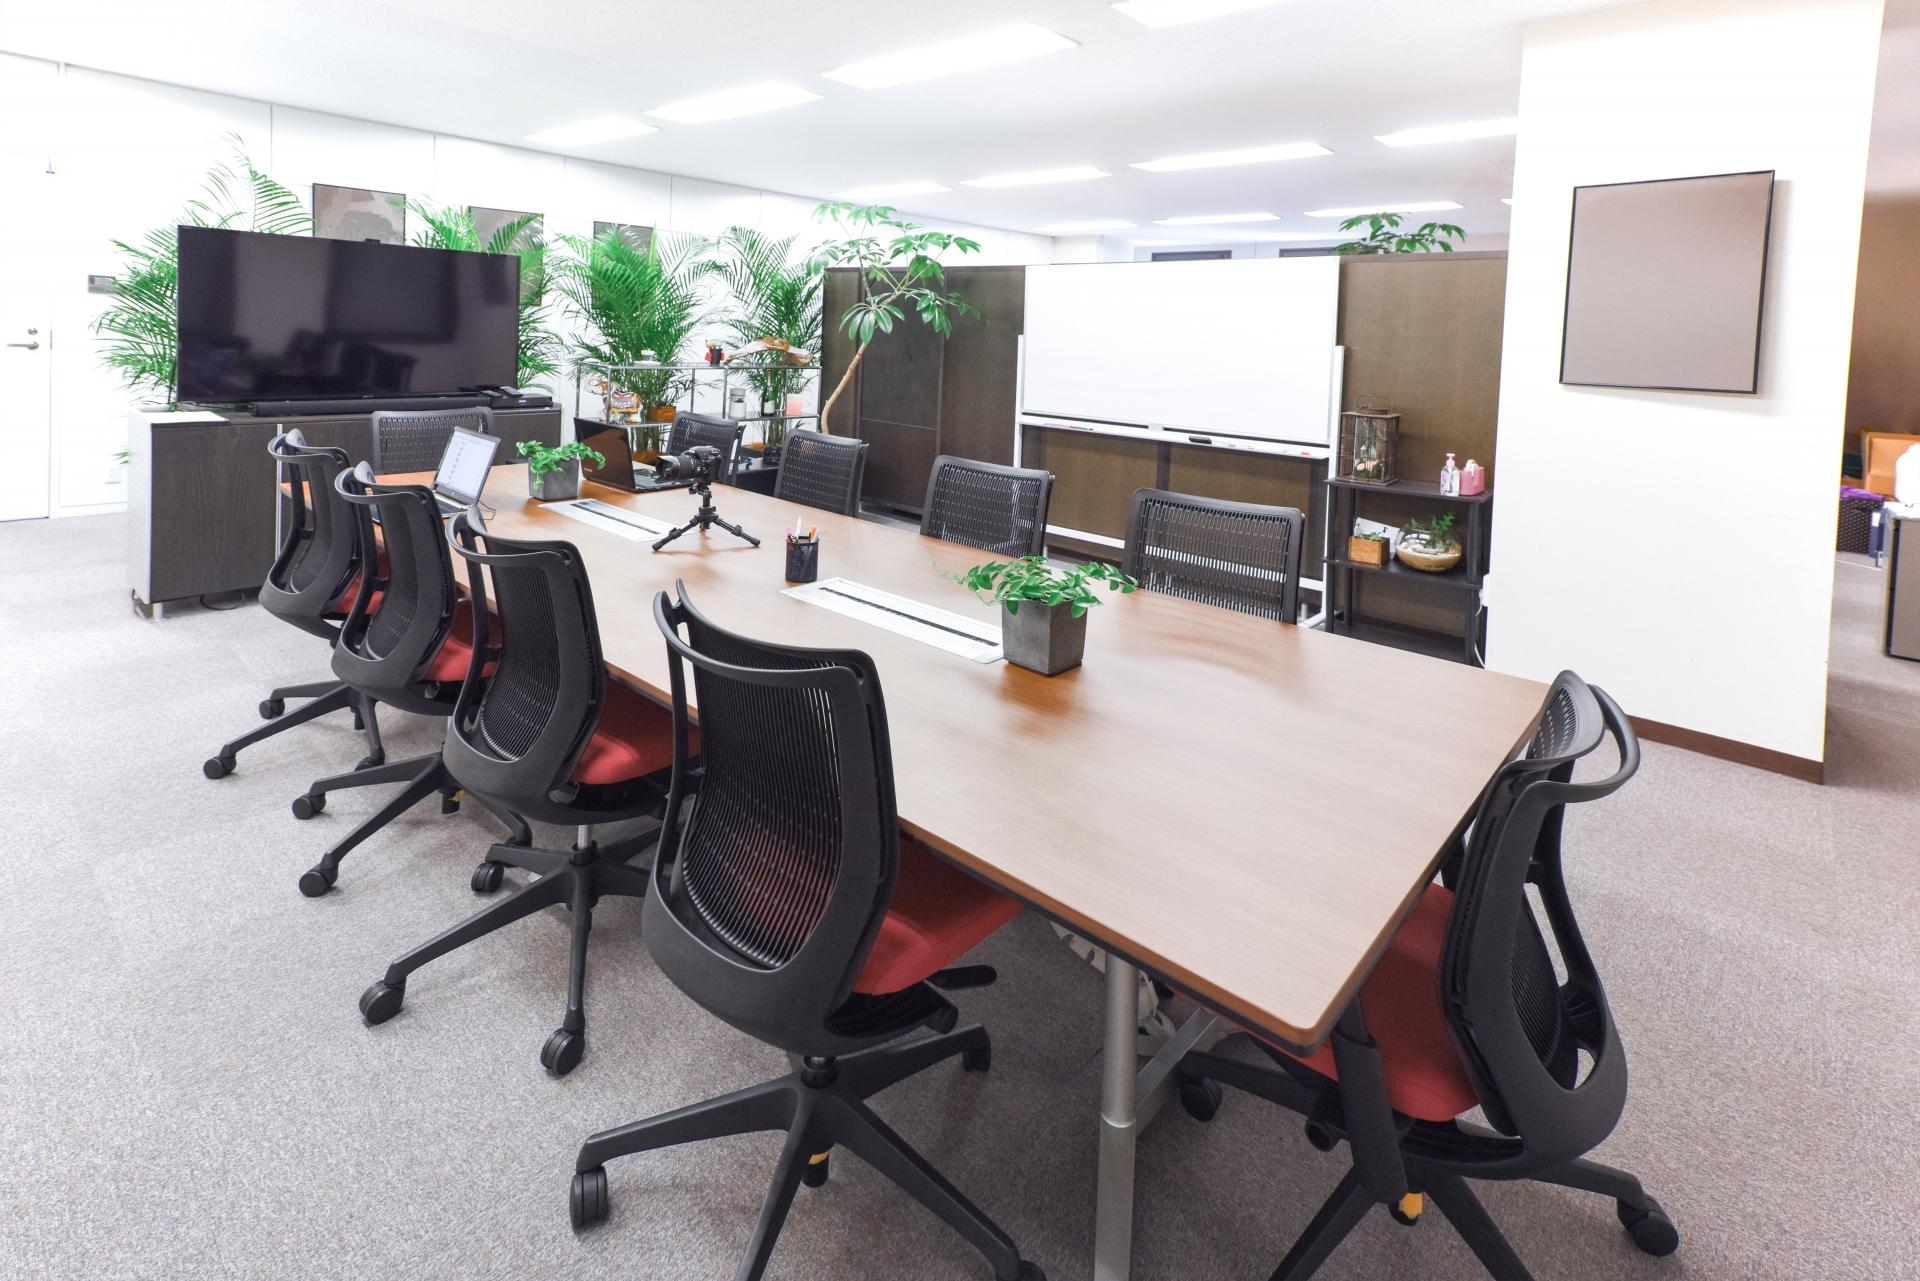 会議というコミュニケーションの場を設計するオフィス改革